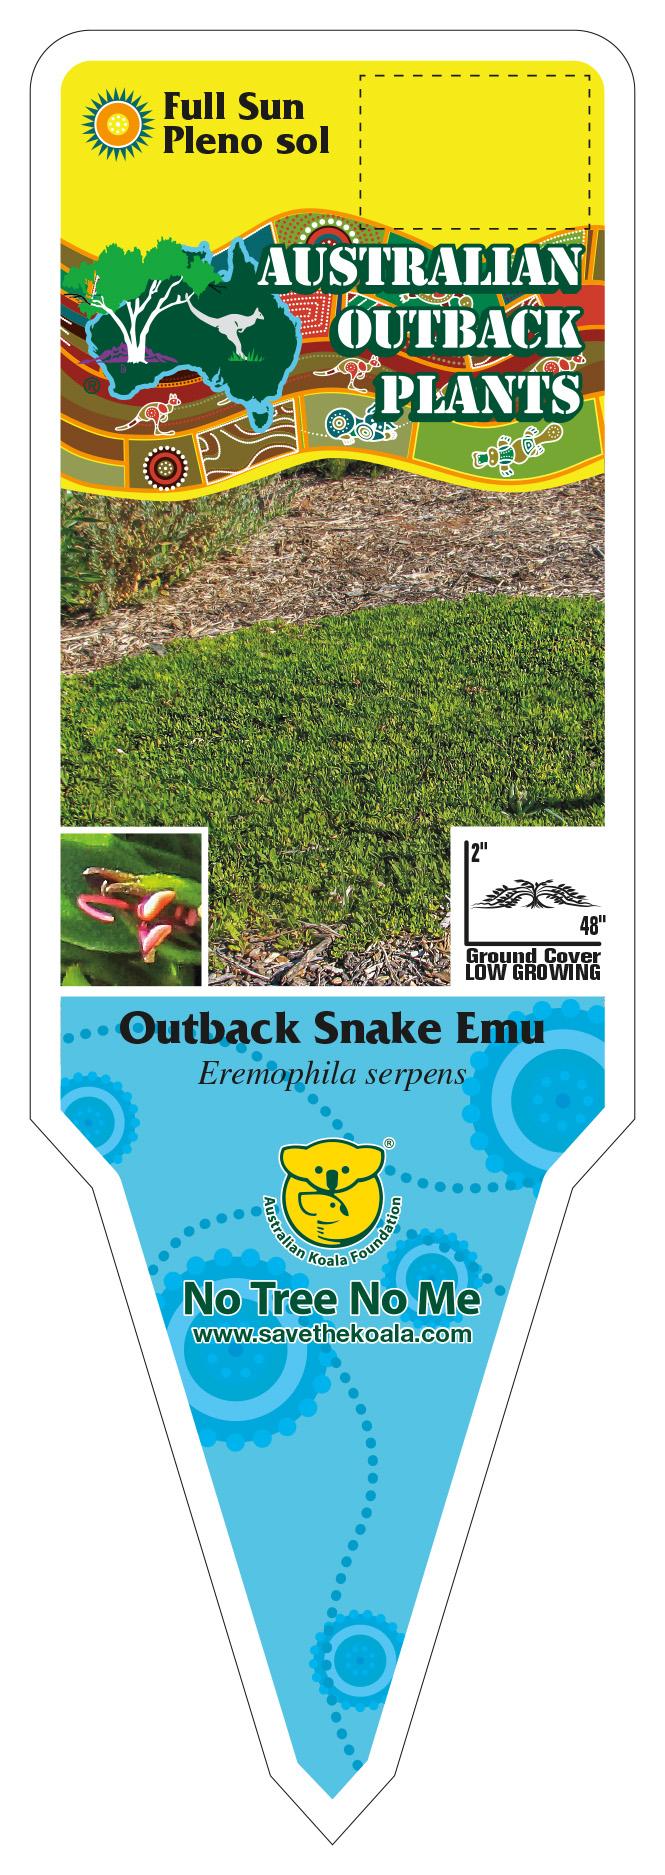 425591_FRONT-Outback-Snake-Emu.jpg